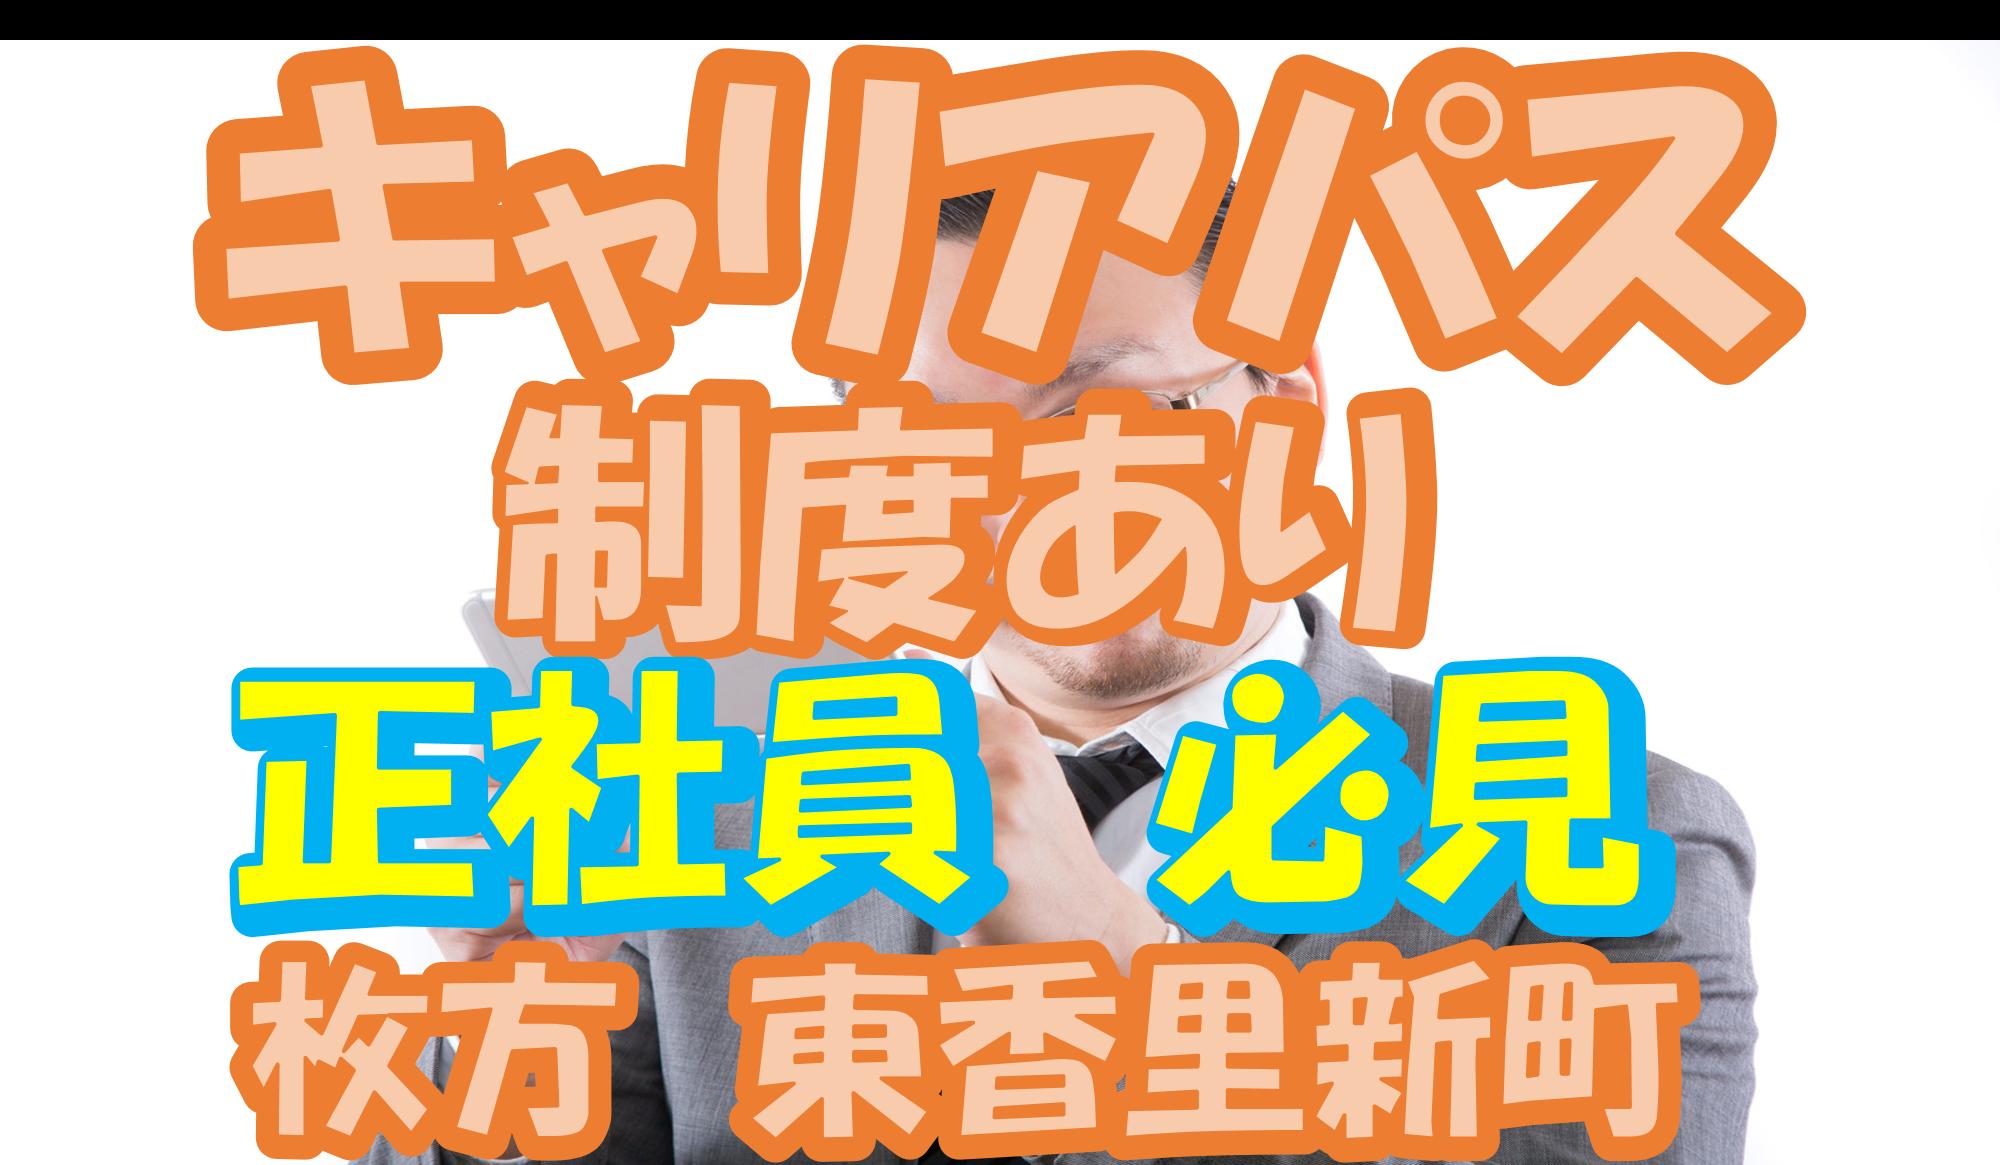 【枚方市】介護スタッフ(正社員)東香里新町の住宅型で介護のお仕事♪s-hrk-h2-sho イメージ